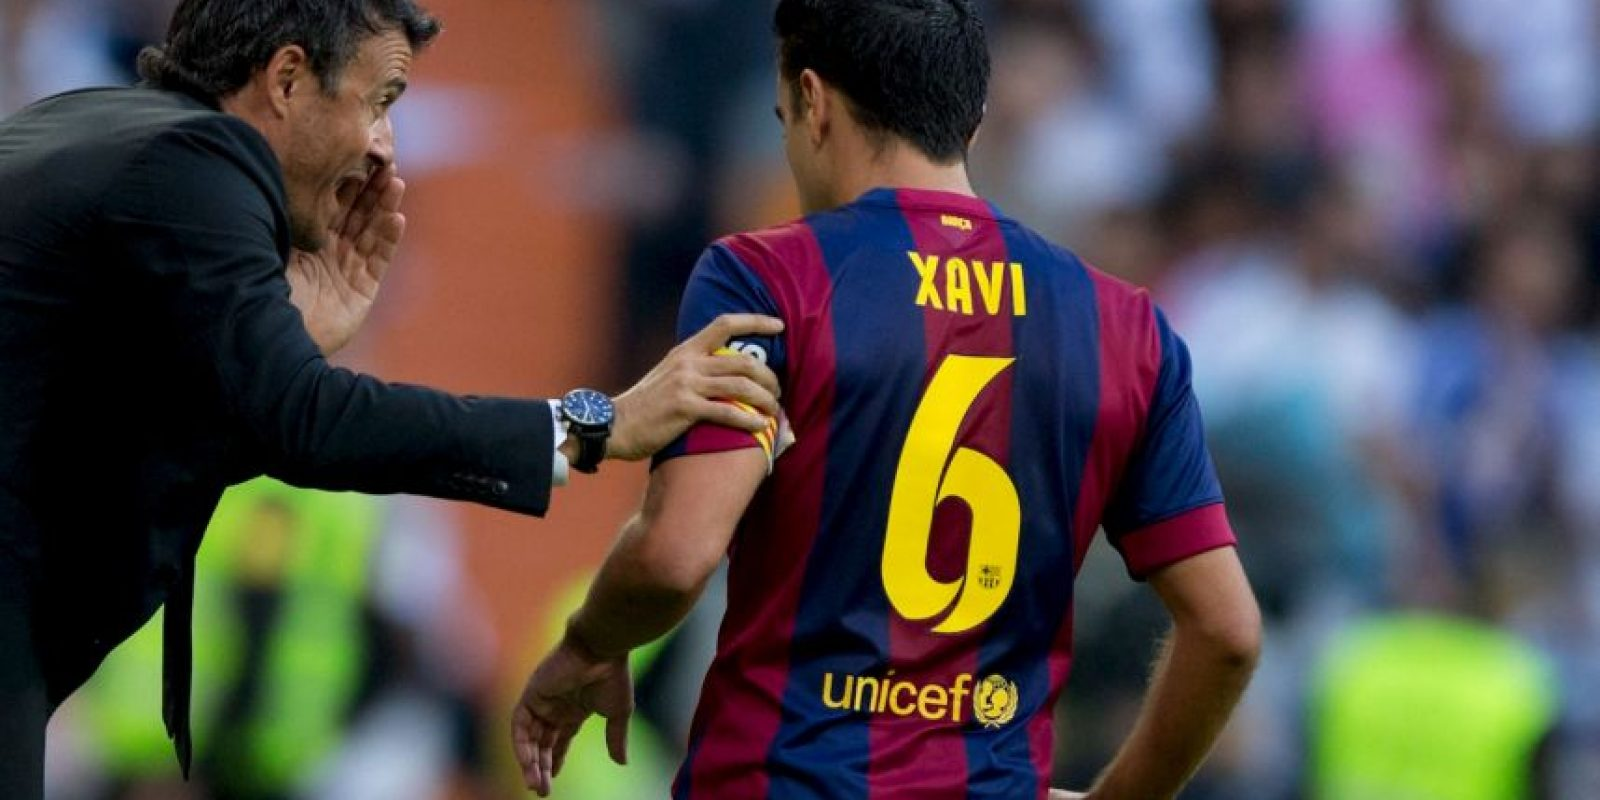 El defensa brasileño tomará el número que le perteneció a Xavi Hernández, una leyenda del club, Foto:Getty Images